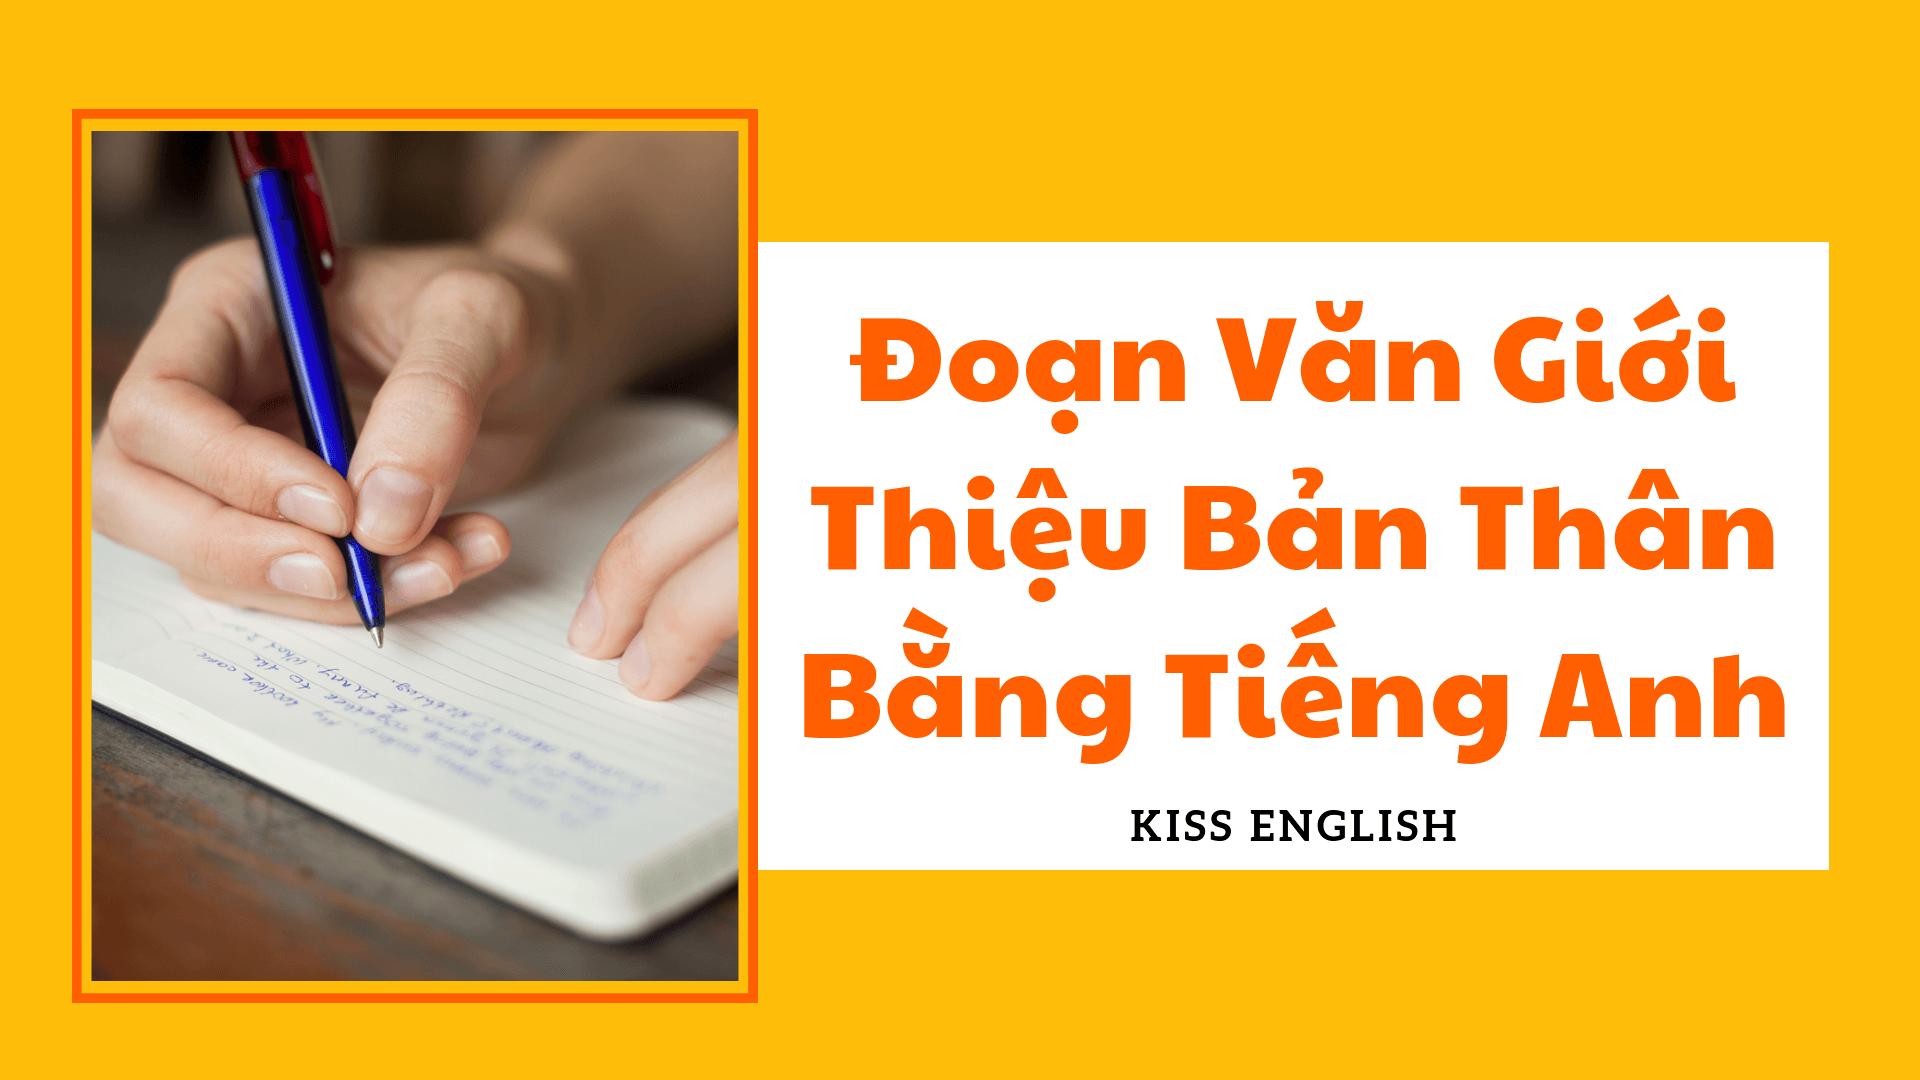 Đoạn Văn Giới Thiệu Bản Thân Bằng Tiếng Anh